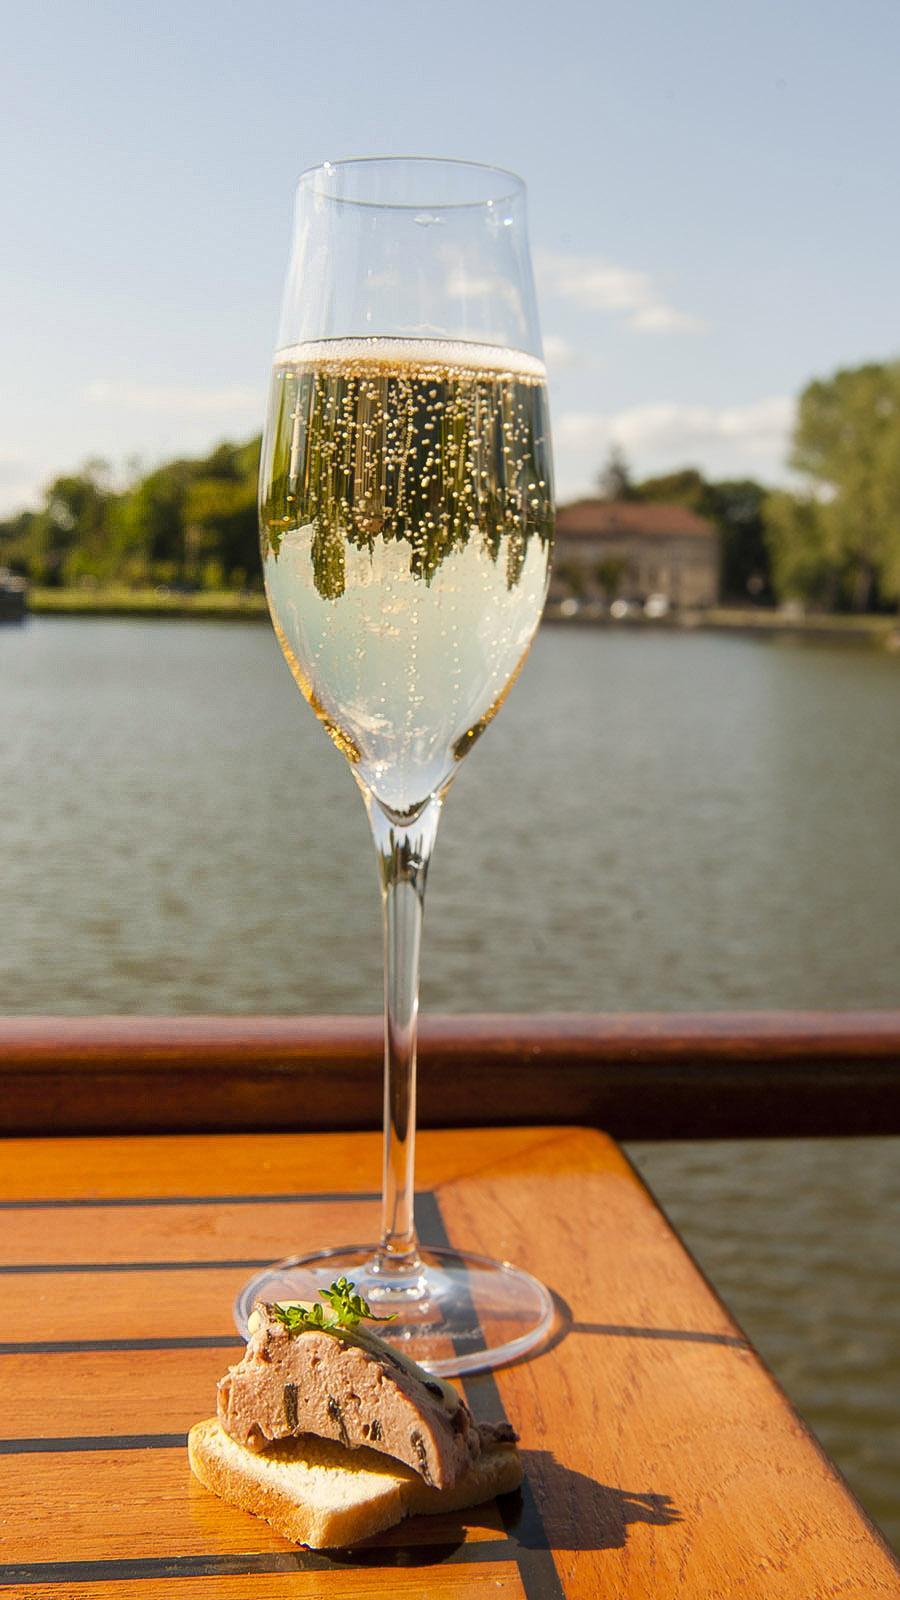 péro mit Cremant: Auch in der Bourgogne prickelt er feinperlig. Dort wird er nach der Champagnermethode hergestellt. Foto: Hilke Maunder